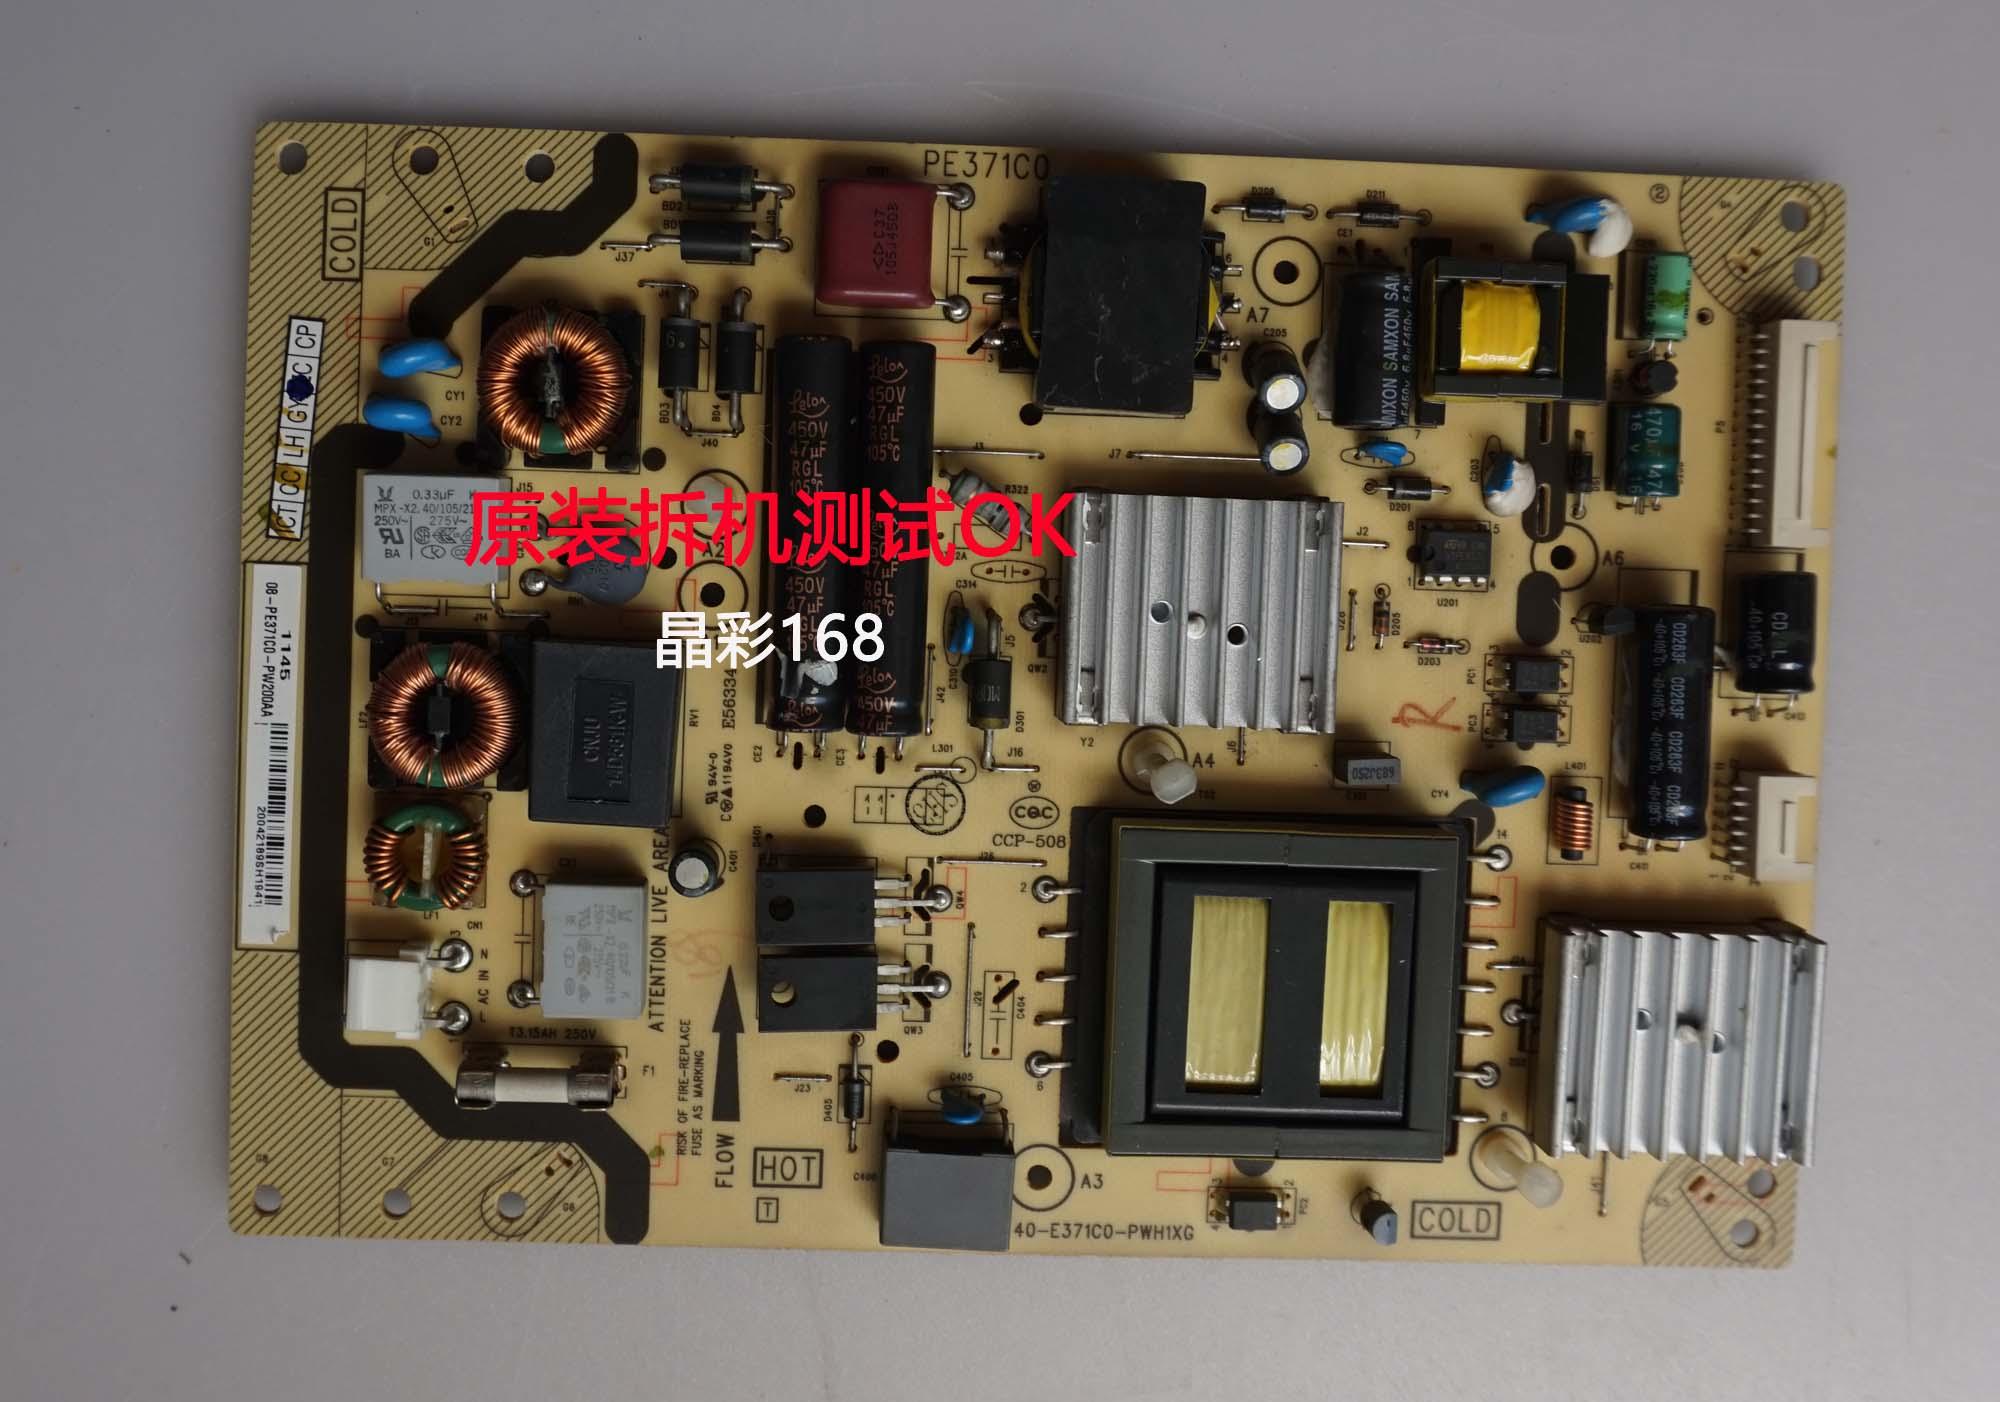 Original TCLL42E5300A LCD TV power board 40 E371C0 PWH1XG power supply board